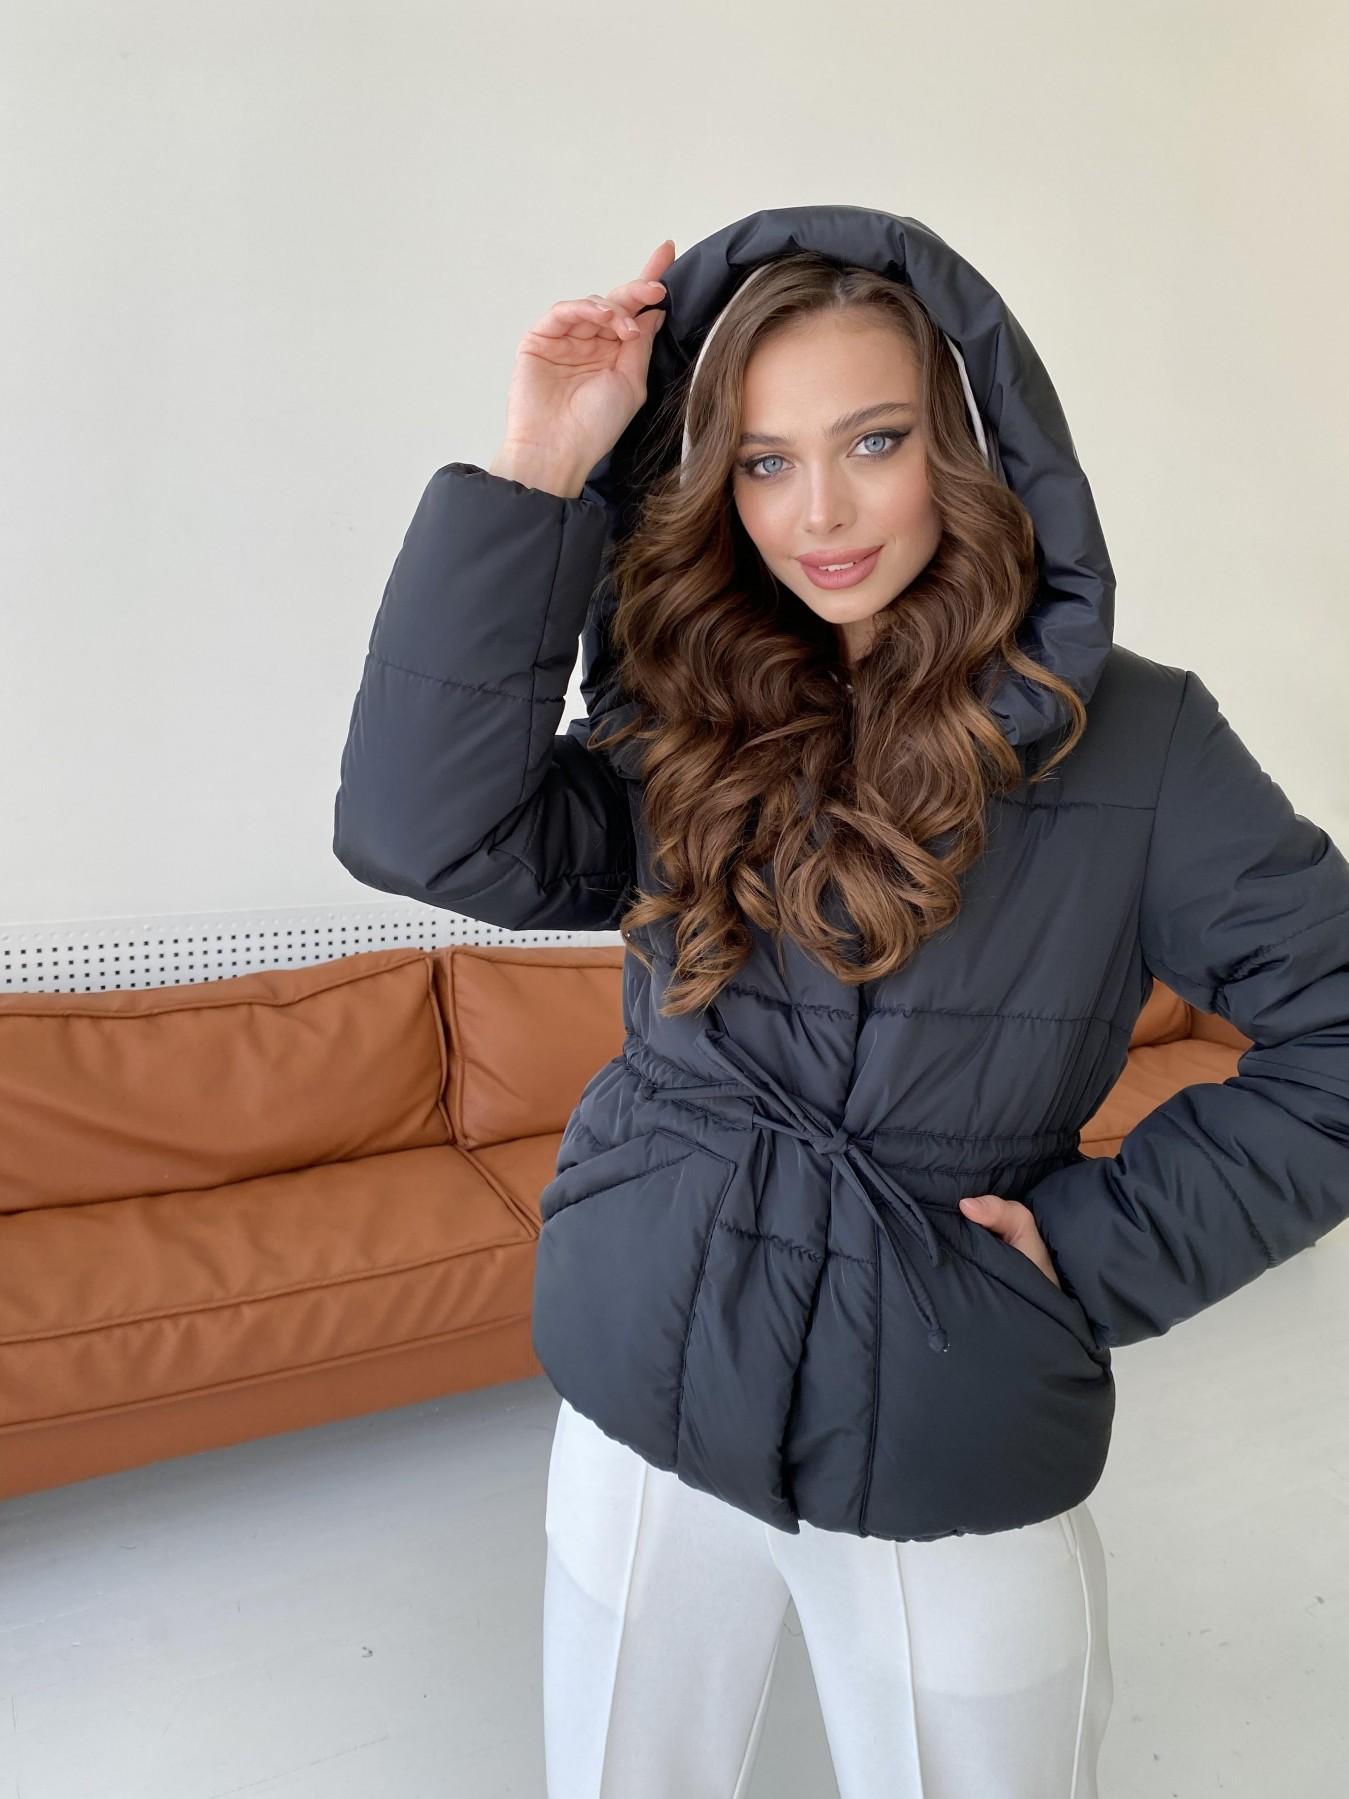 куртки оптом Харьков Пино куртка из плащевой ткани 10489